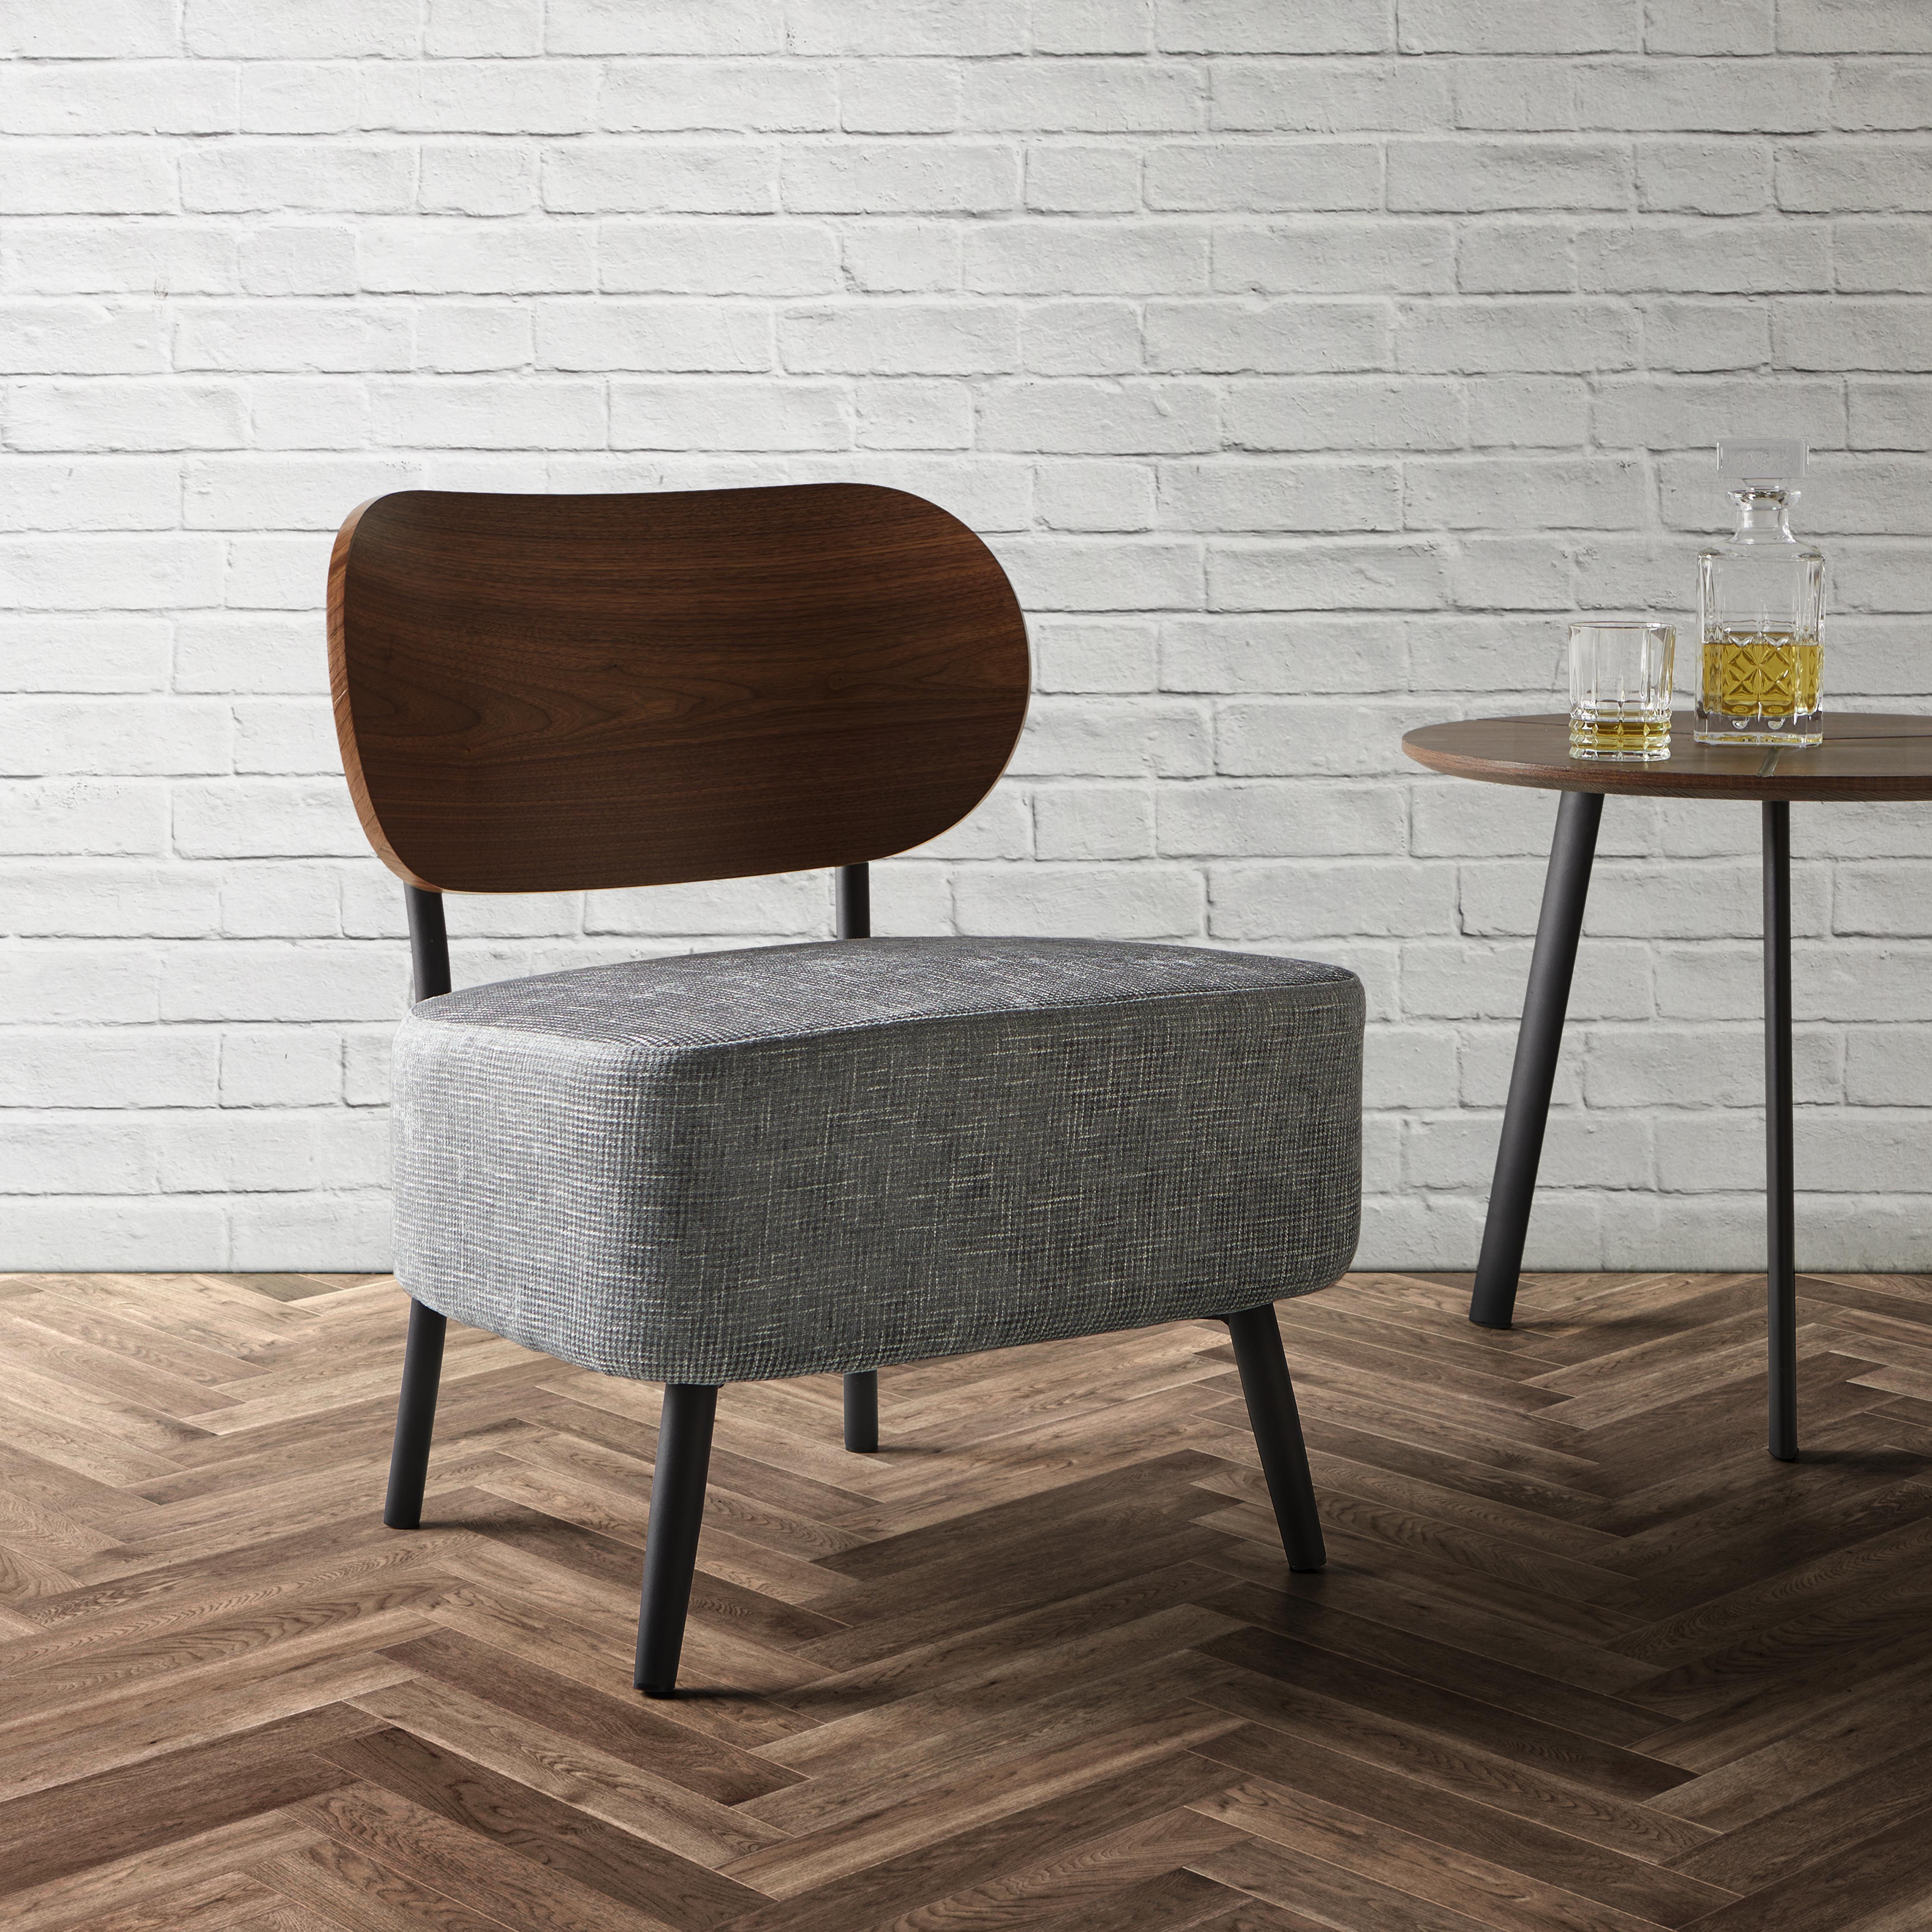 sessel in grau und walnussfarbe online bestellen. Black Bedroom Furniture Sets. Home Design Ideas